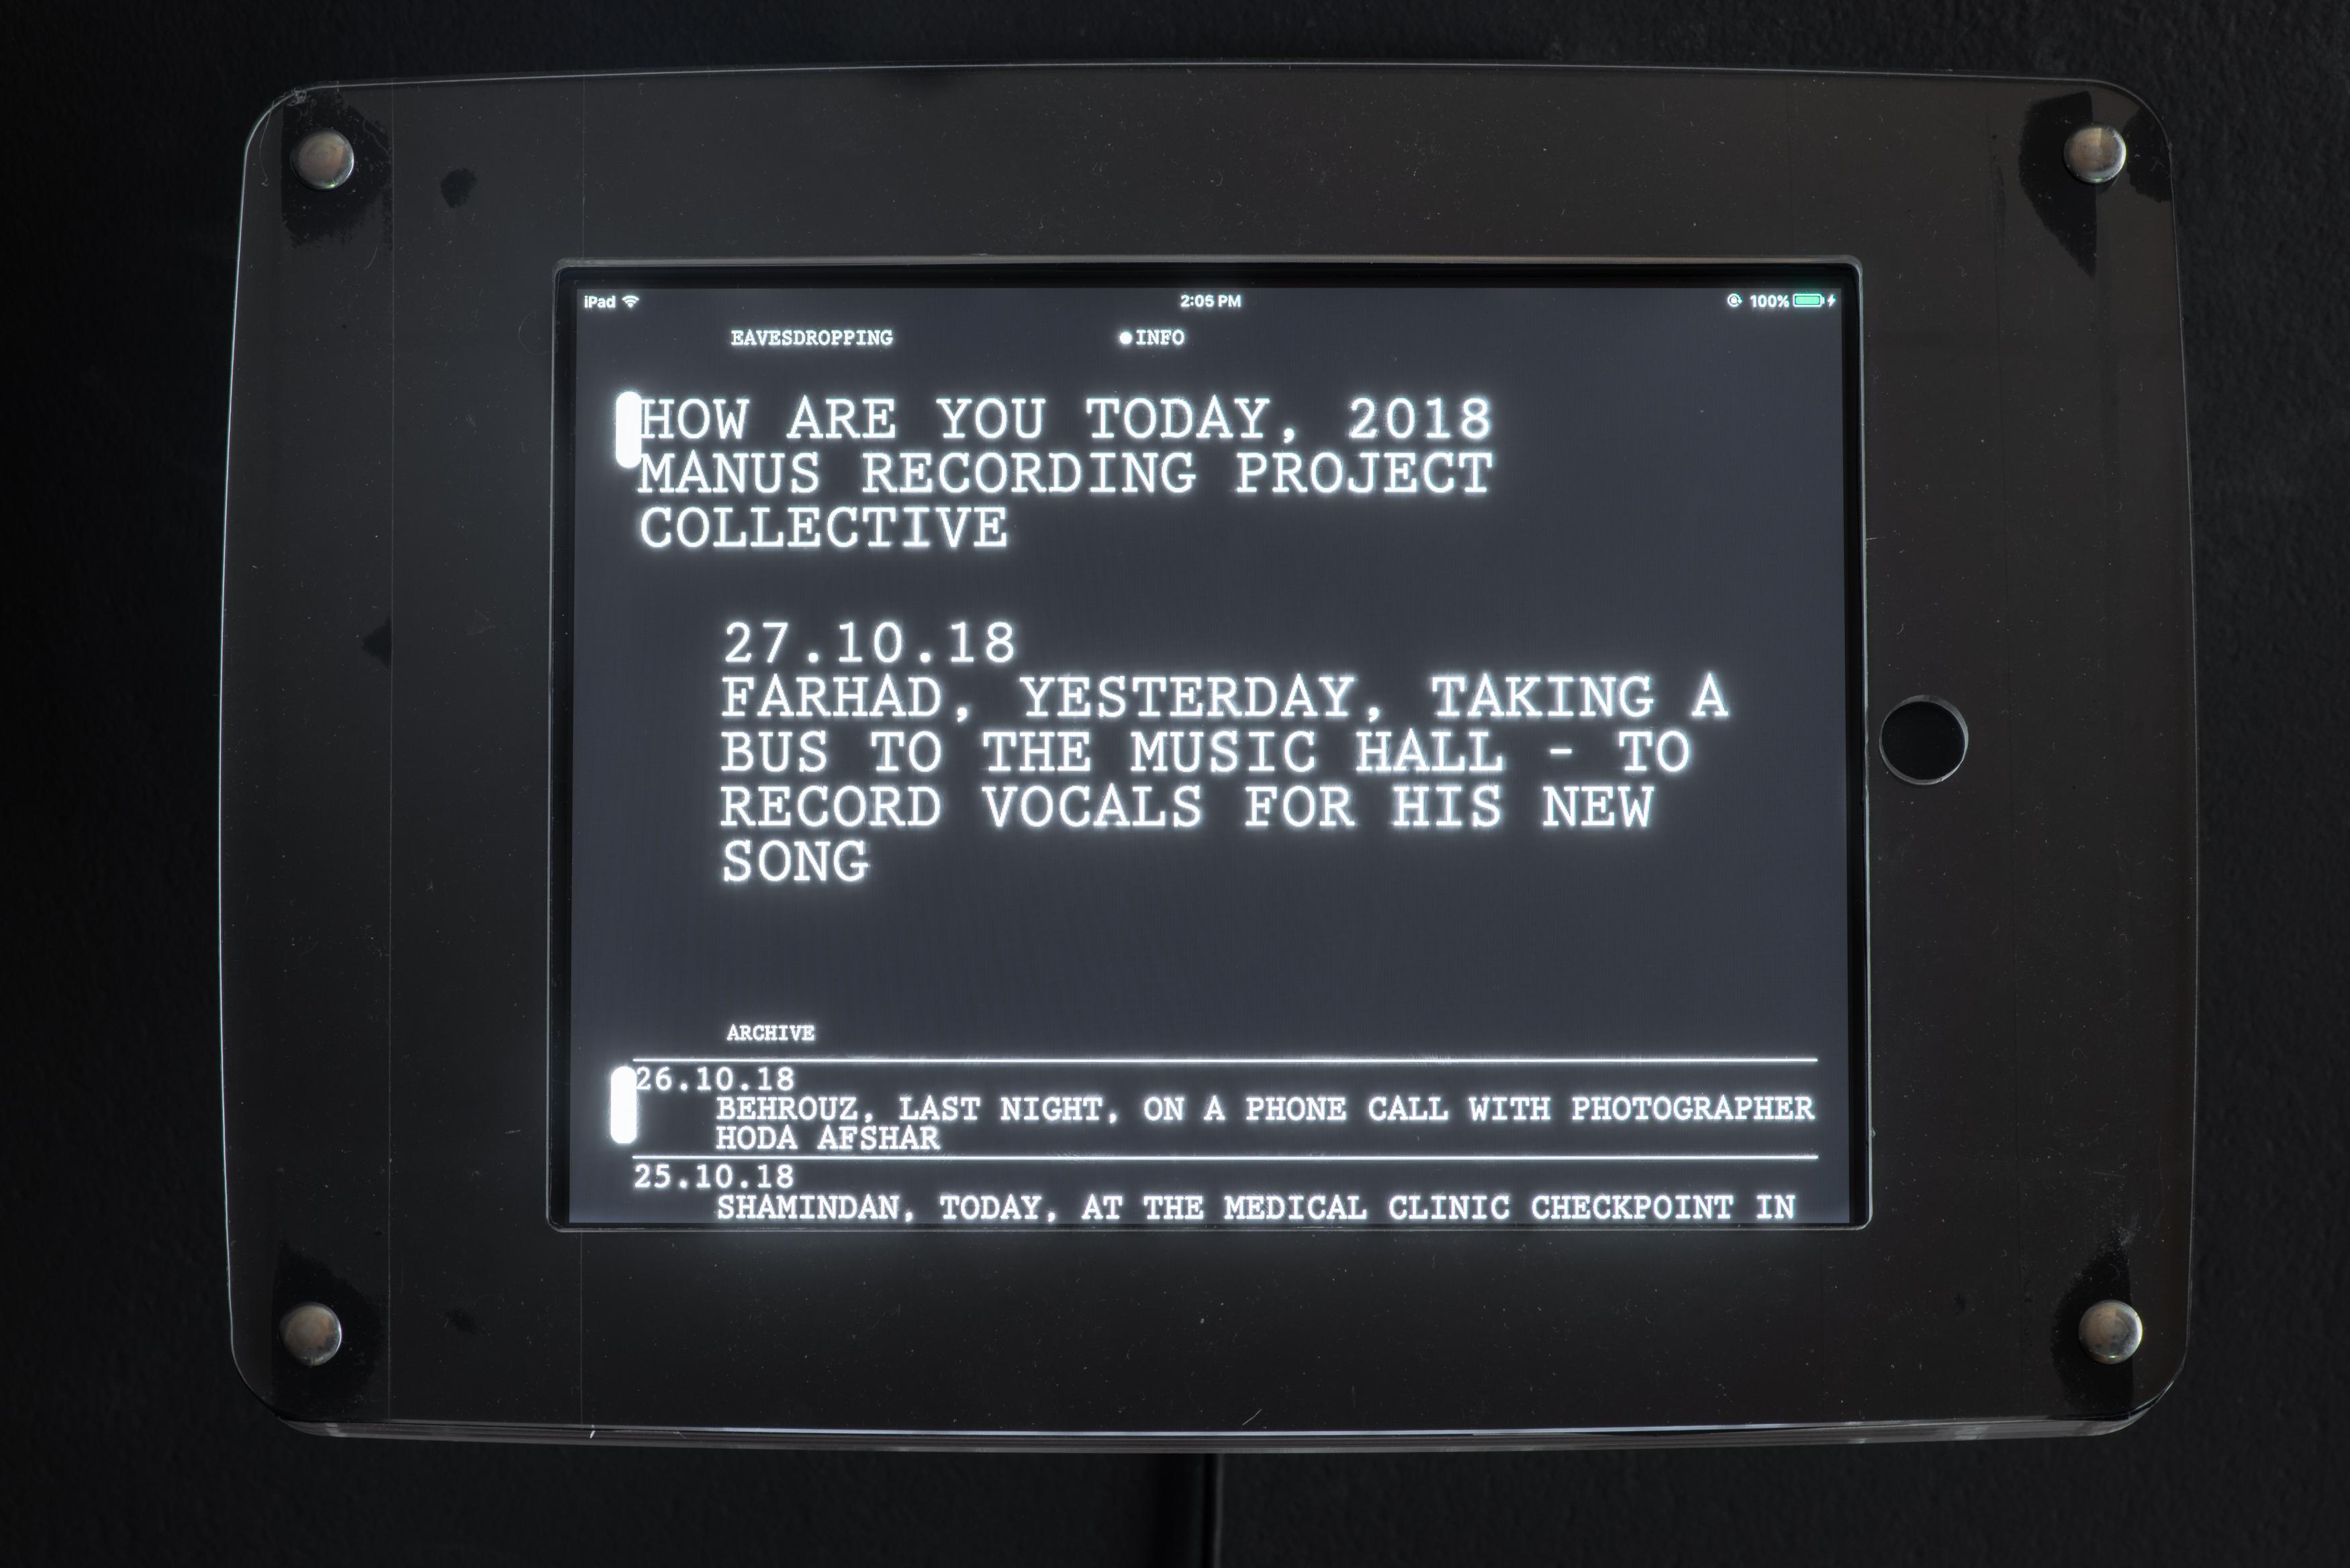 <p>Manus Recording Project Collective, <em>how are you today,</em> 2018. Photo: Christian Capurro.</p>